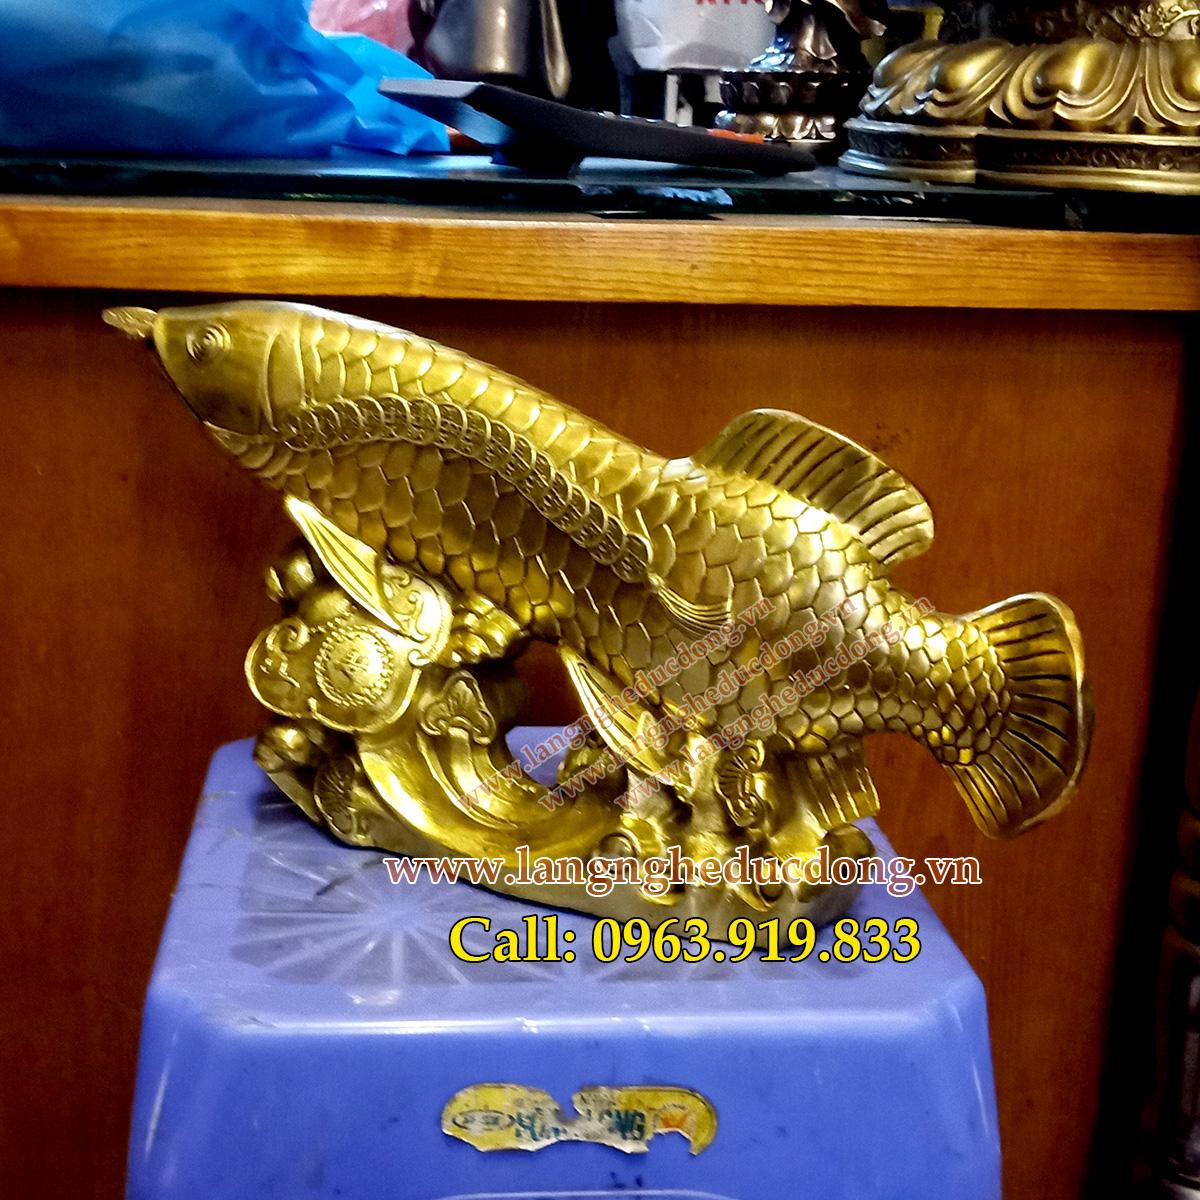 langngheducdong.vn - tượng phong thủy, tượng tài lộc, kim long bằng đồng